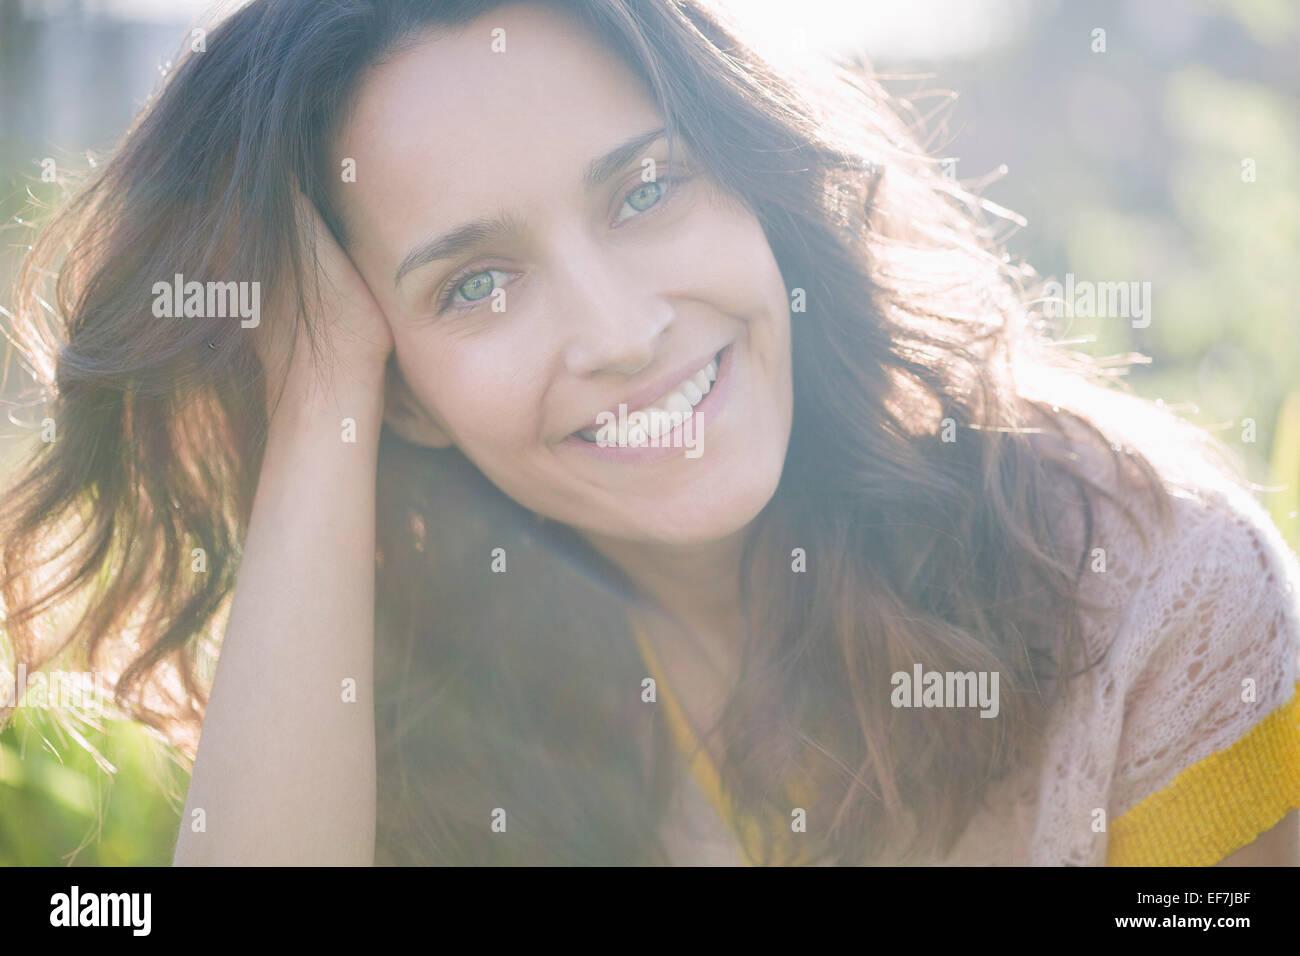 Porträt einer schönen Frau, Lächeln Stockbild